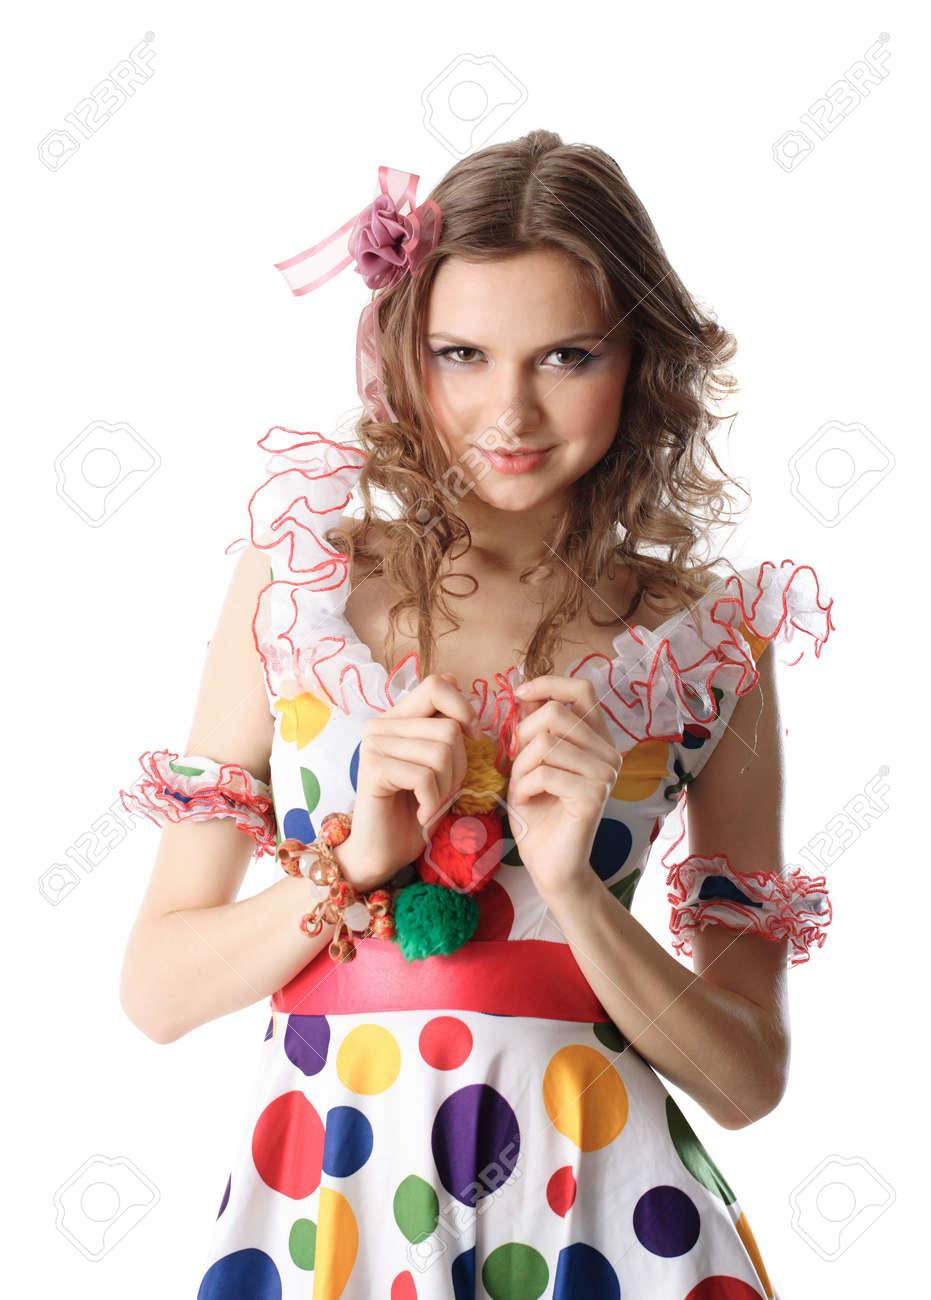 Schön Bhs Mädchen Parteikleider Bilder - Hochzeit Kleid Stile Ideen ...